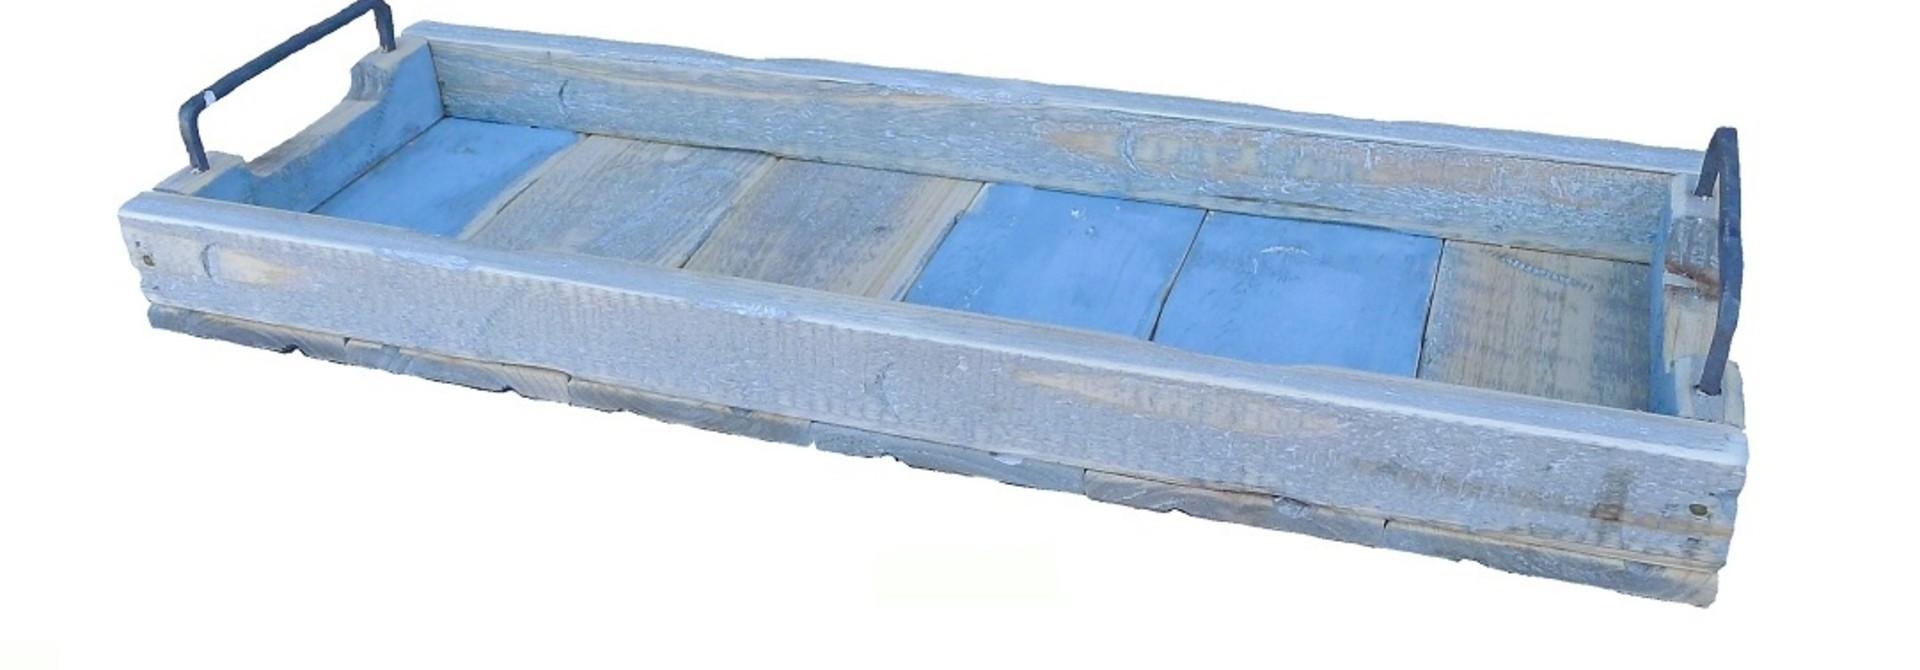 tray old dutch marianne 58/20 blue